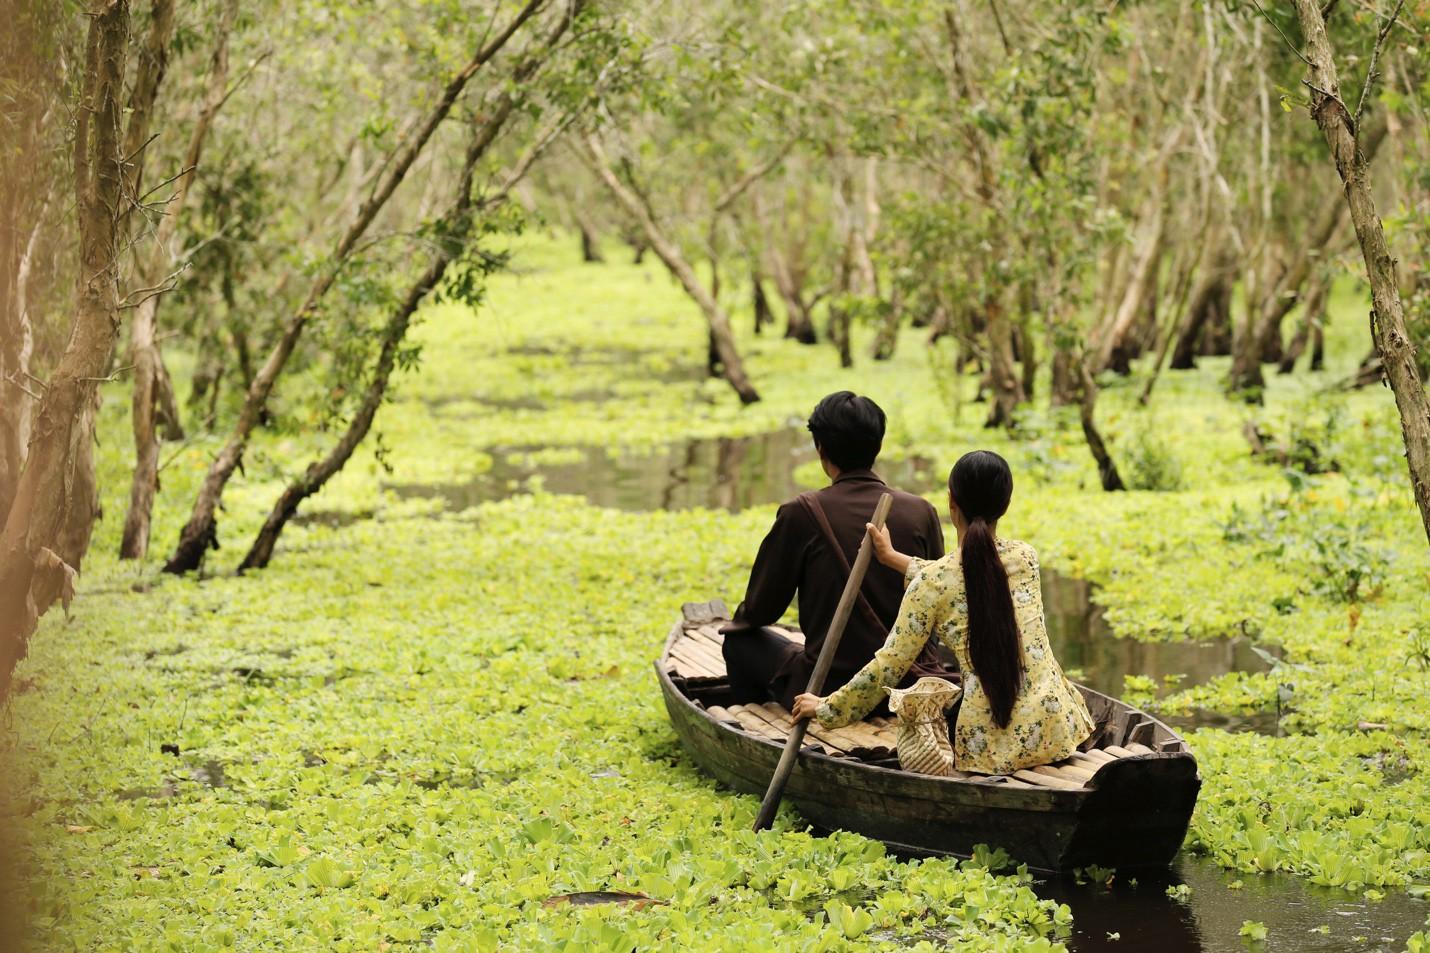 Thất Sơn Tâm Linh ghi dấu ấn với cảnh đẹp yên bình miền Thất Sơn - Ảnh 9.